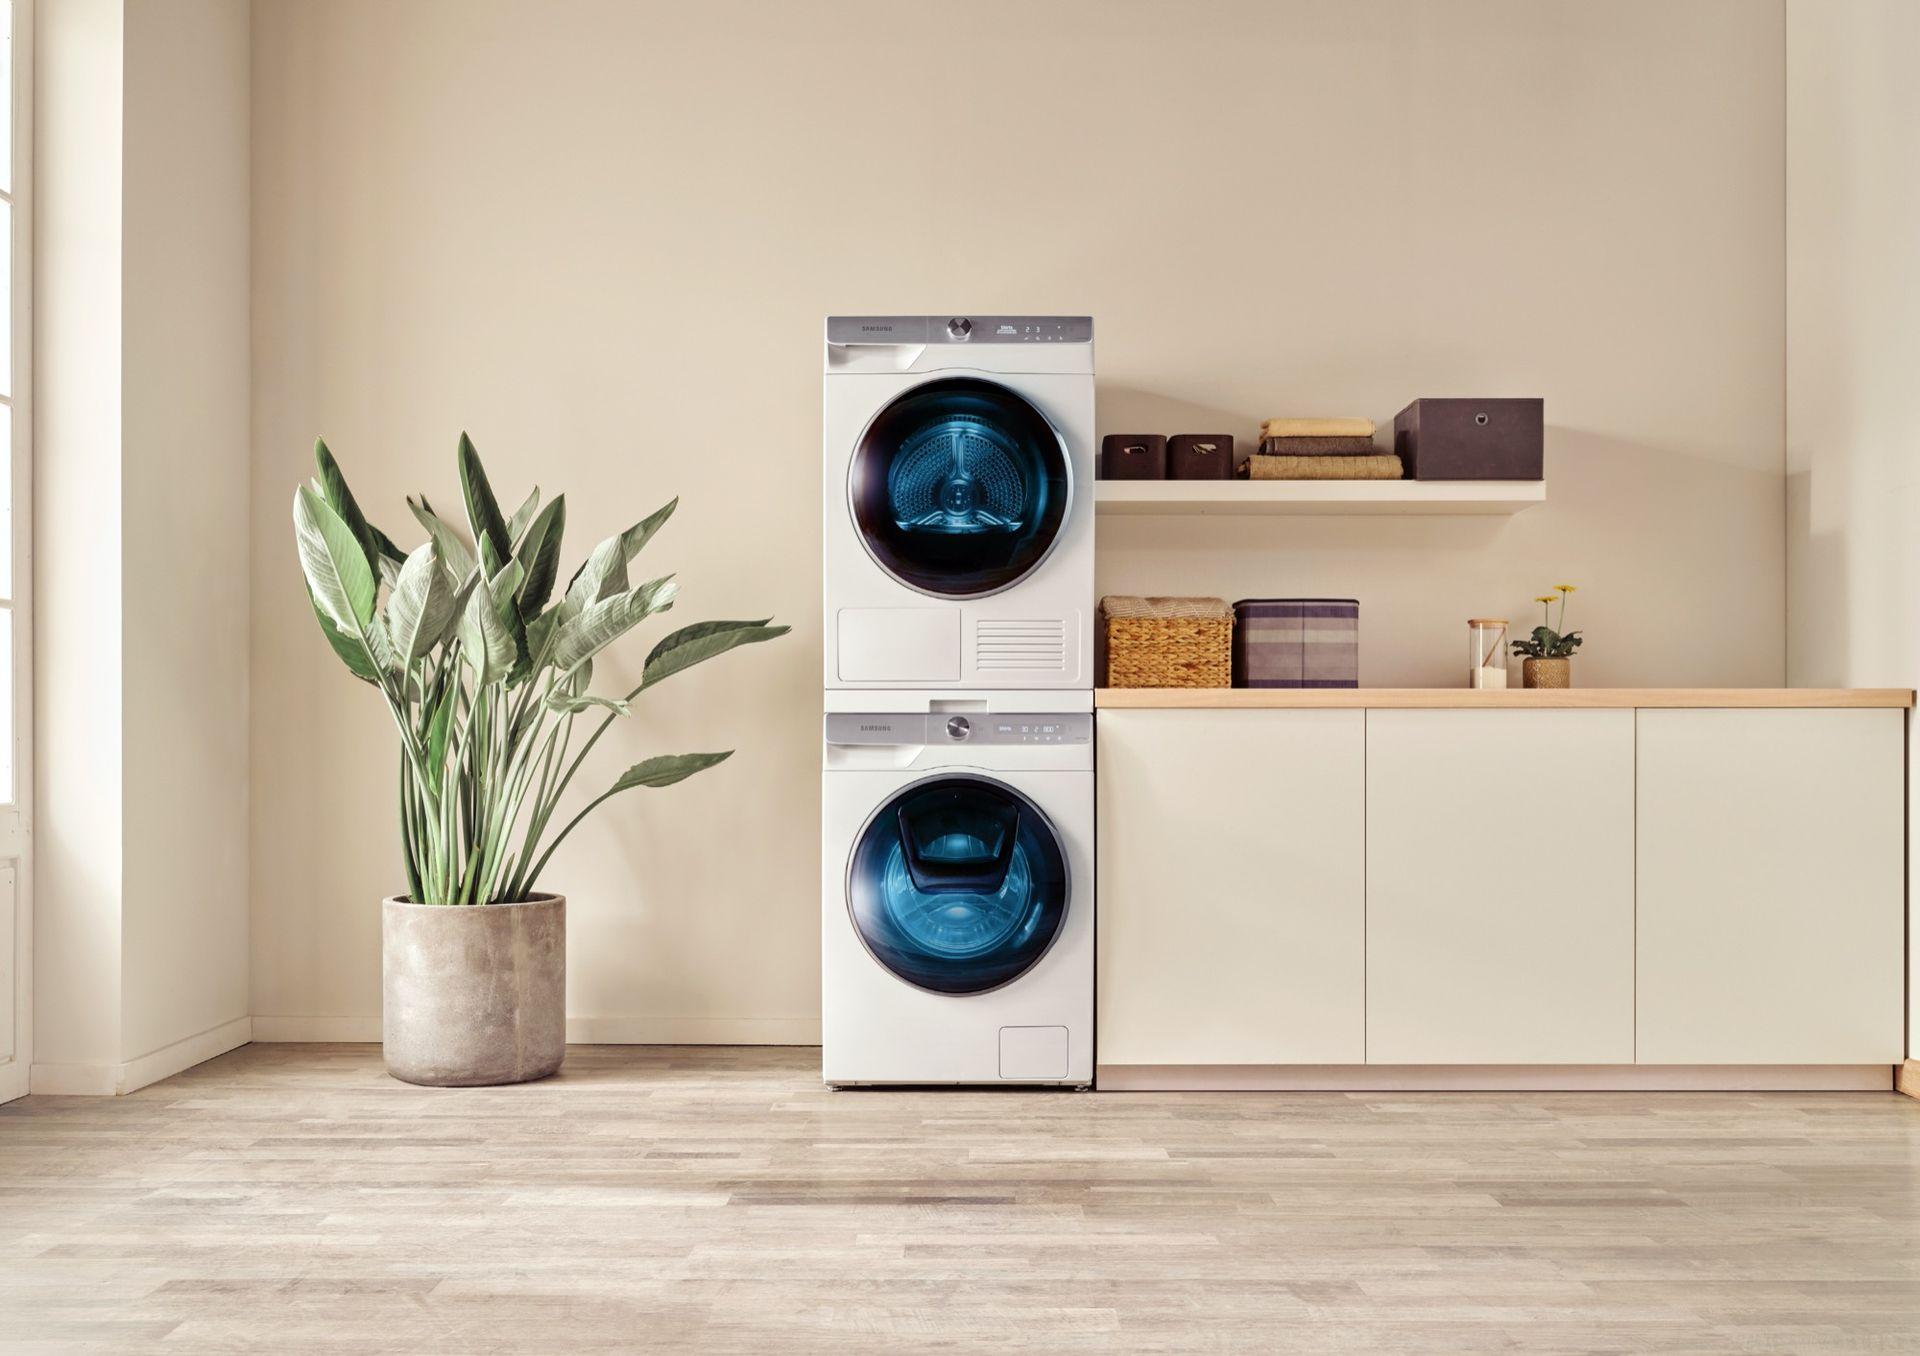 Samsungs smarta tvättmaskin lär sig hur din tvätt ska tvättas